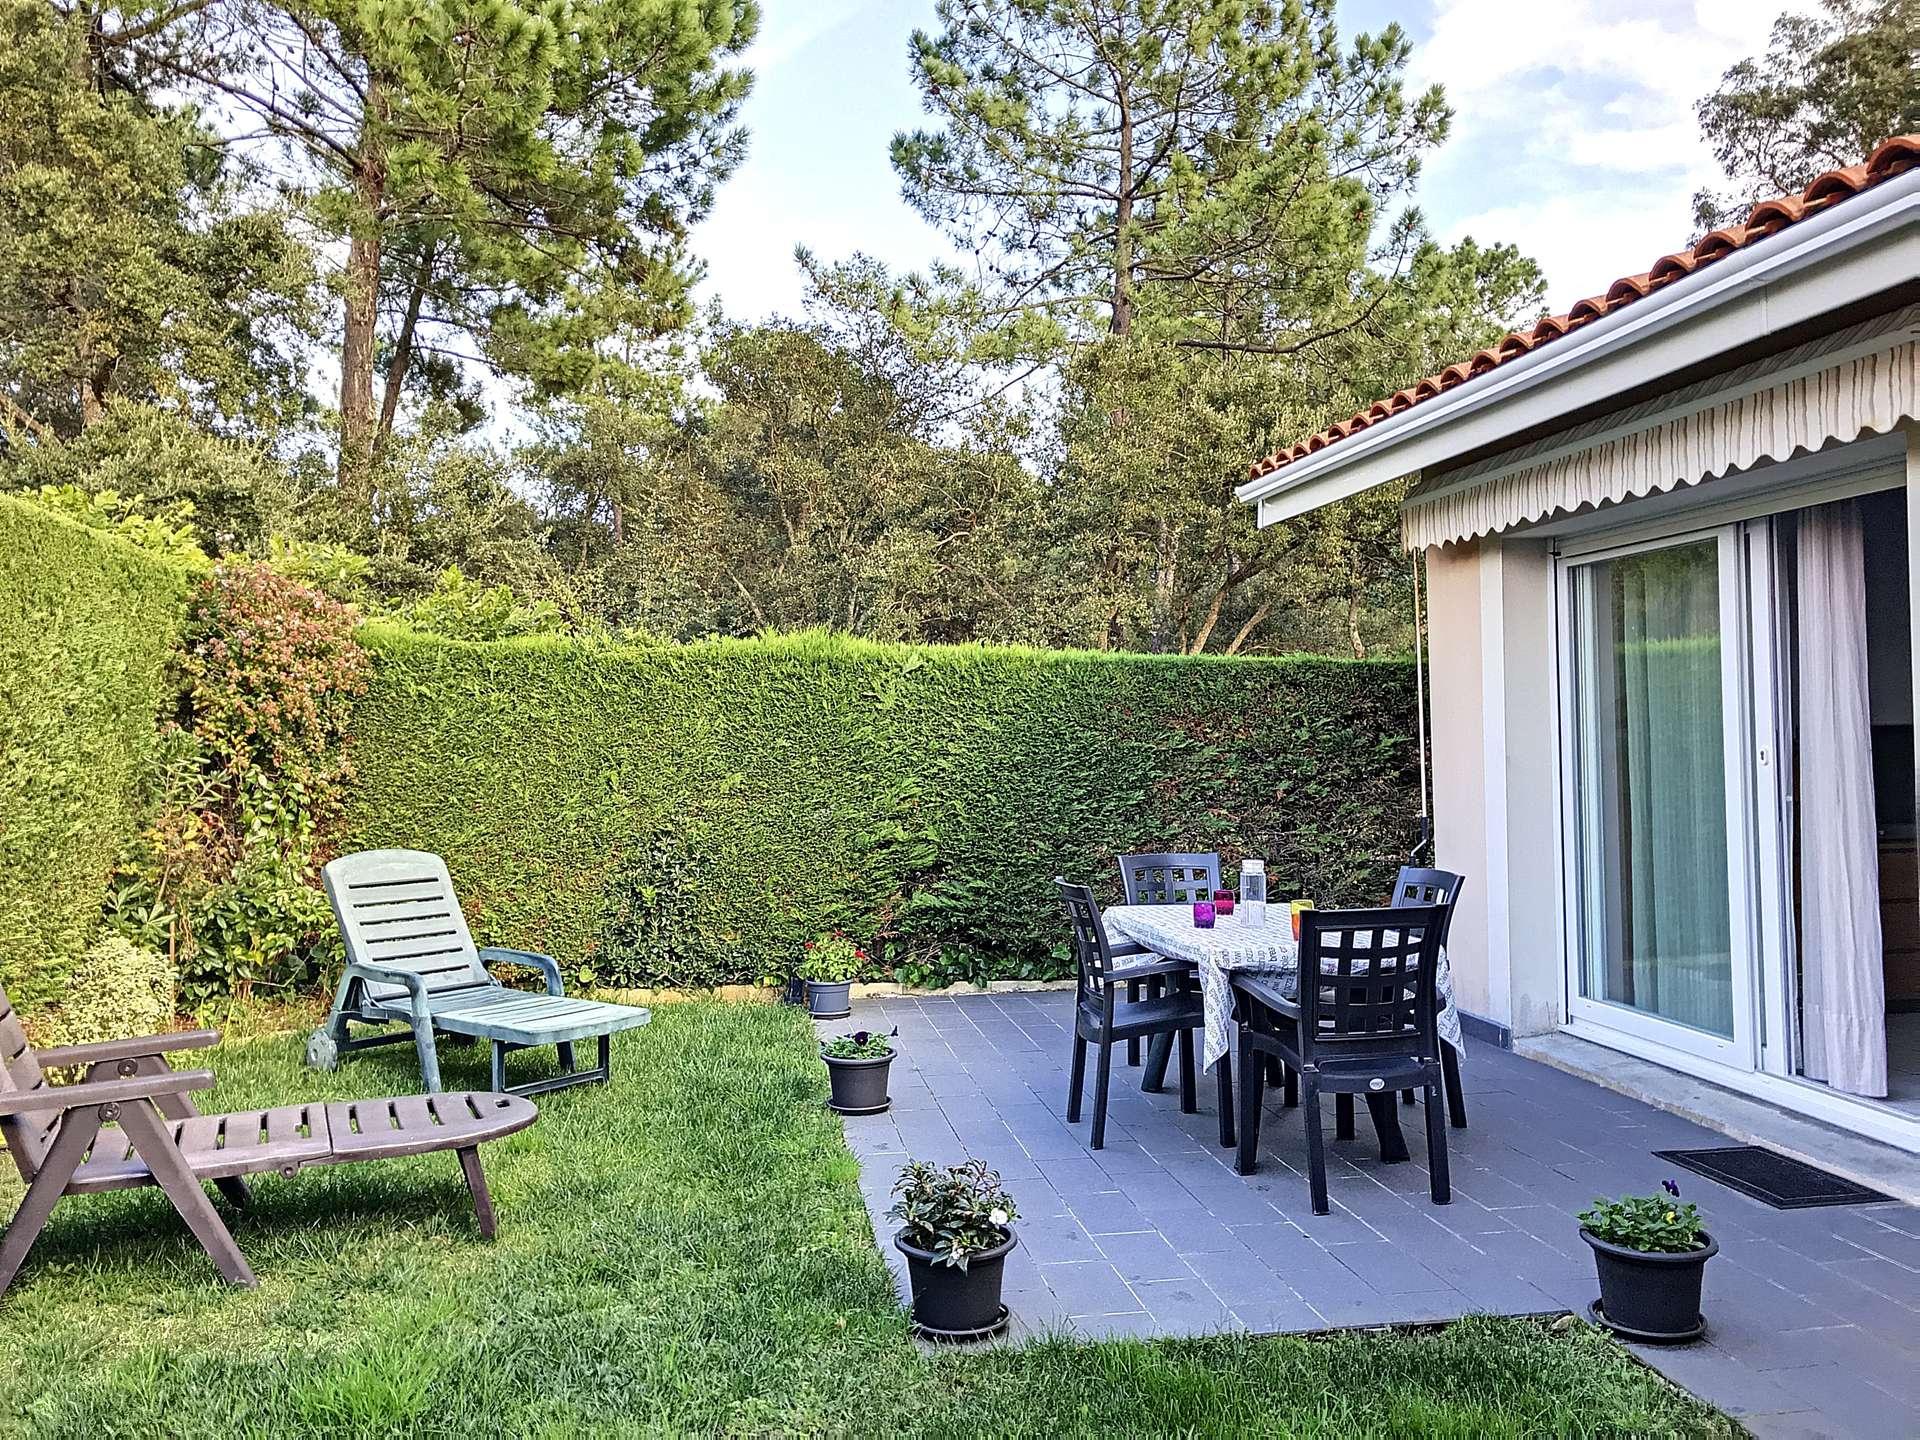 Villa de vacances pour 6 à louer à Moliets